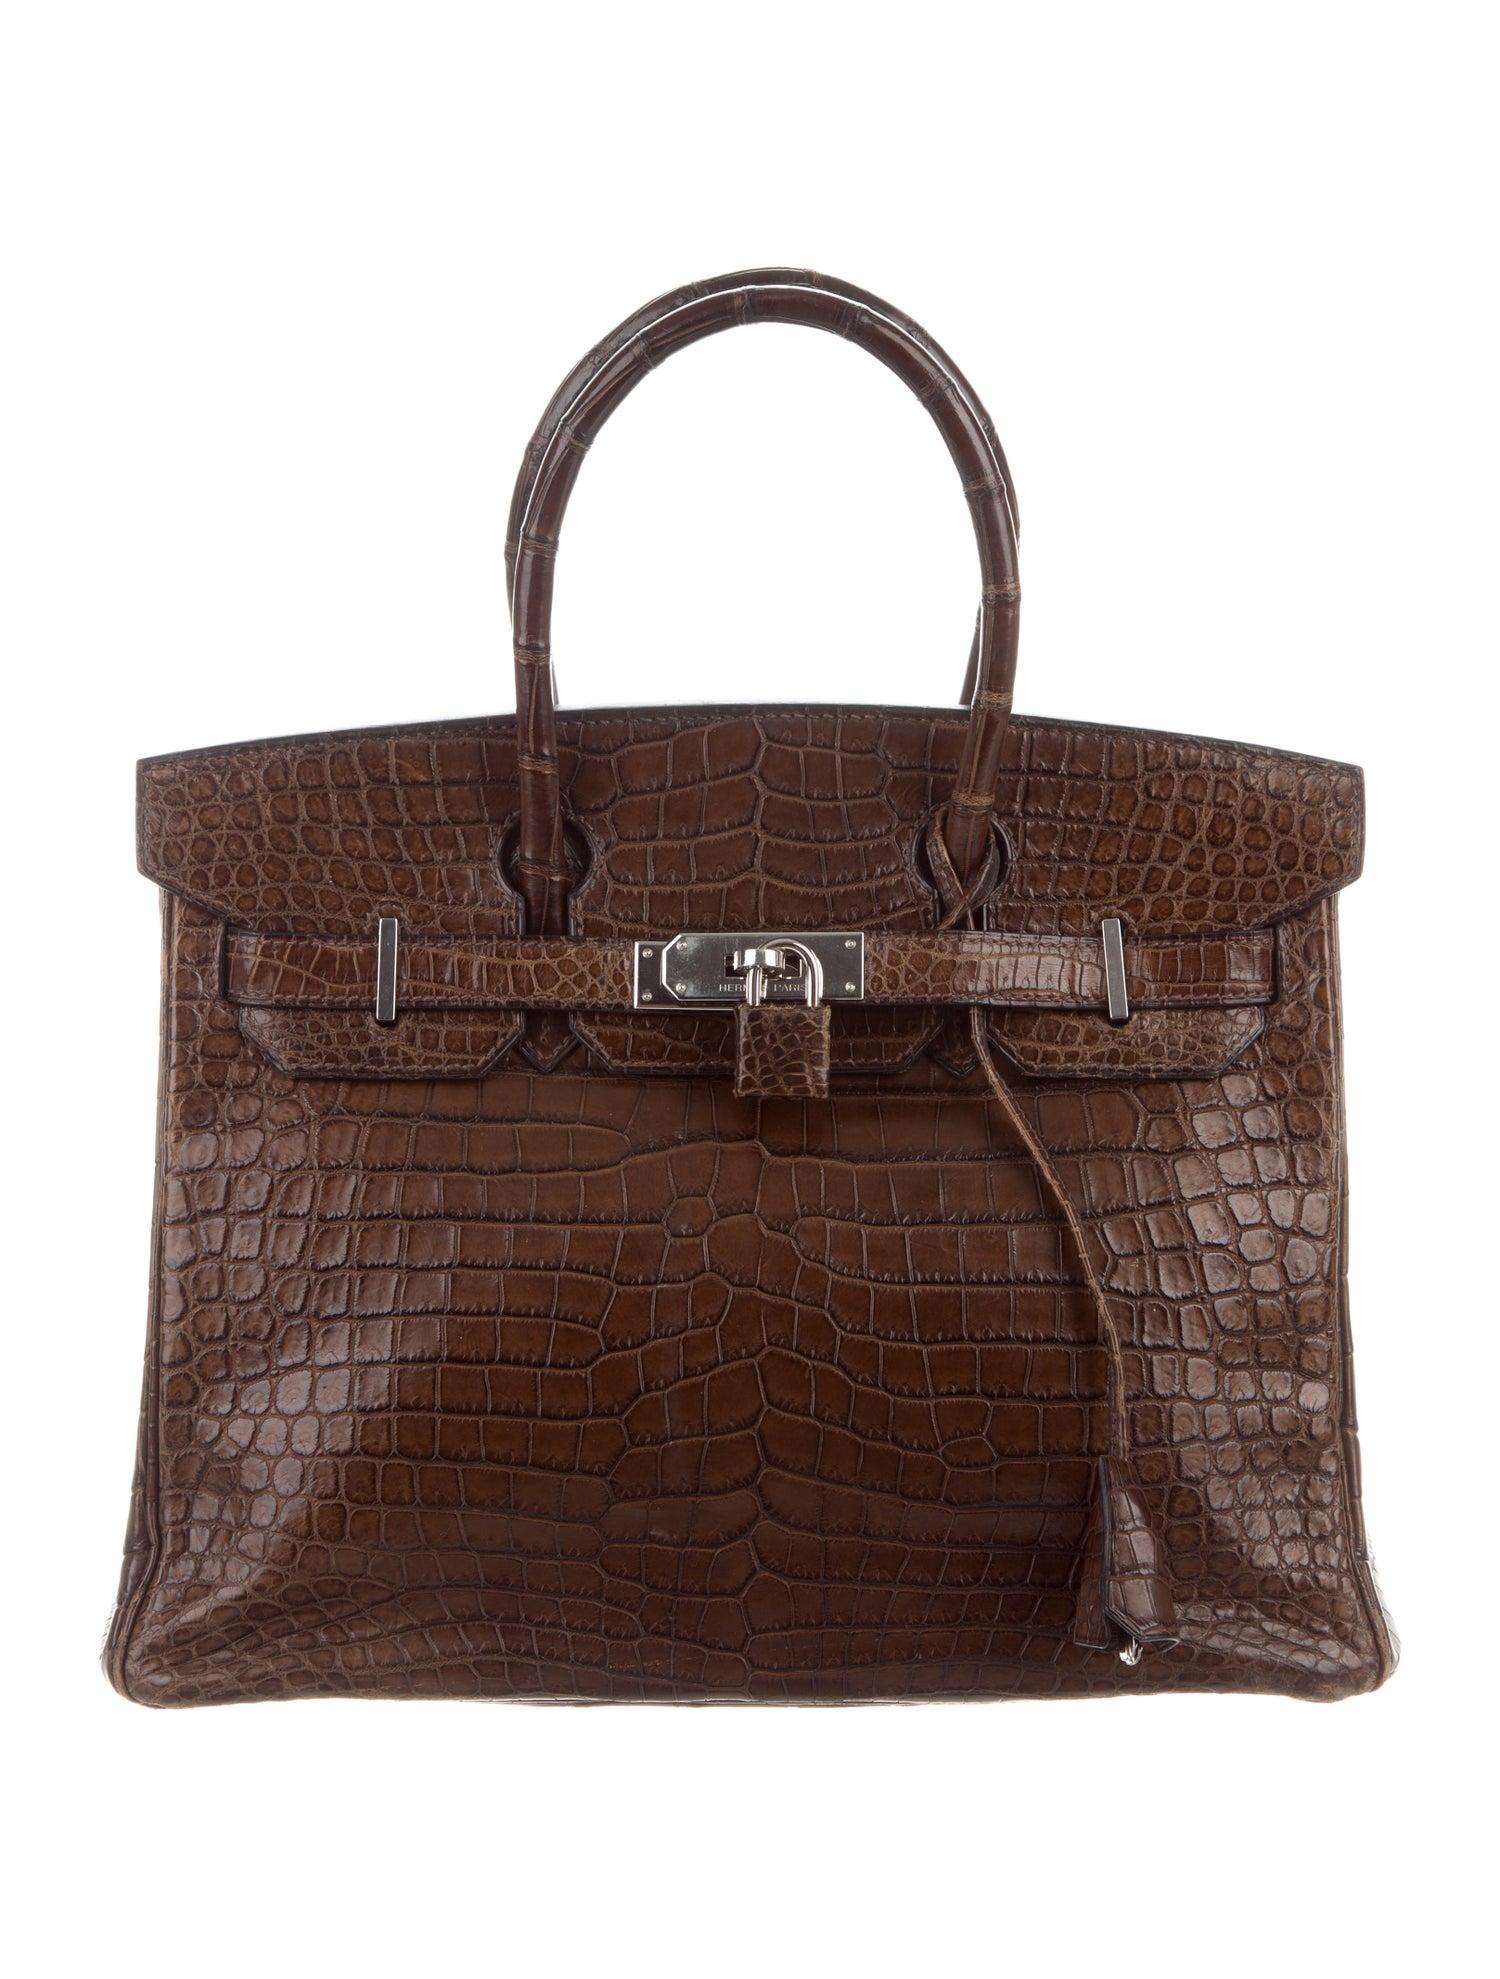 Birkin Bag by Hermes, available on therealreal.com for $25000 Kim Kardashian Bags Exact Product